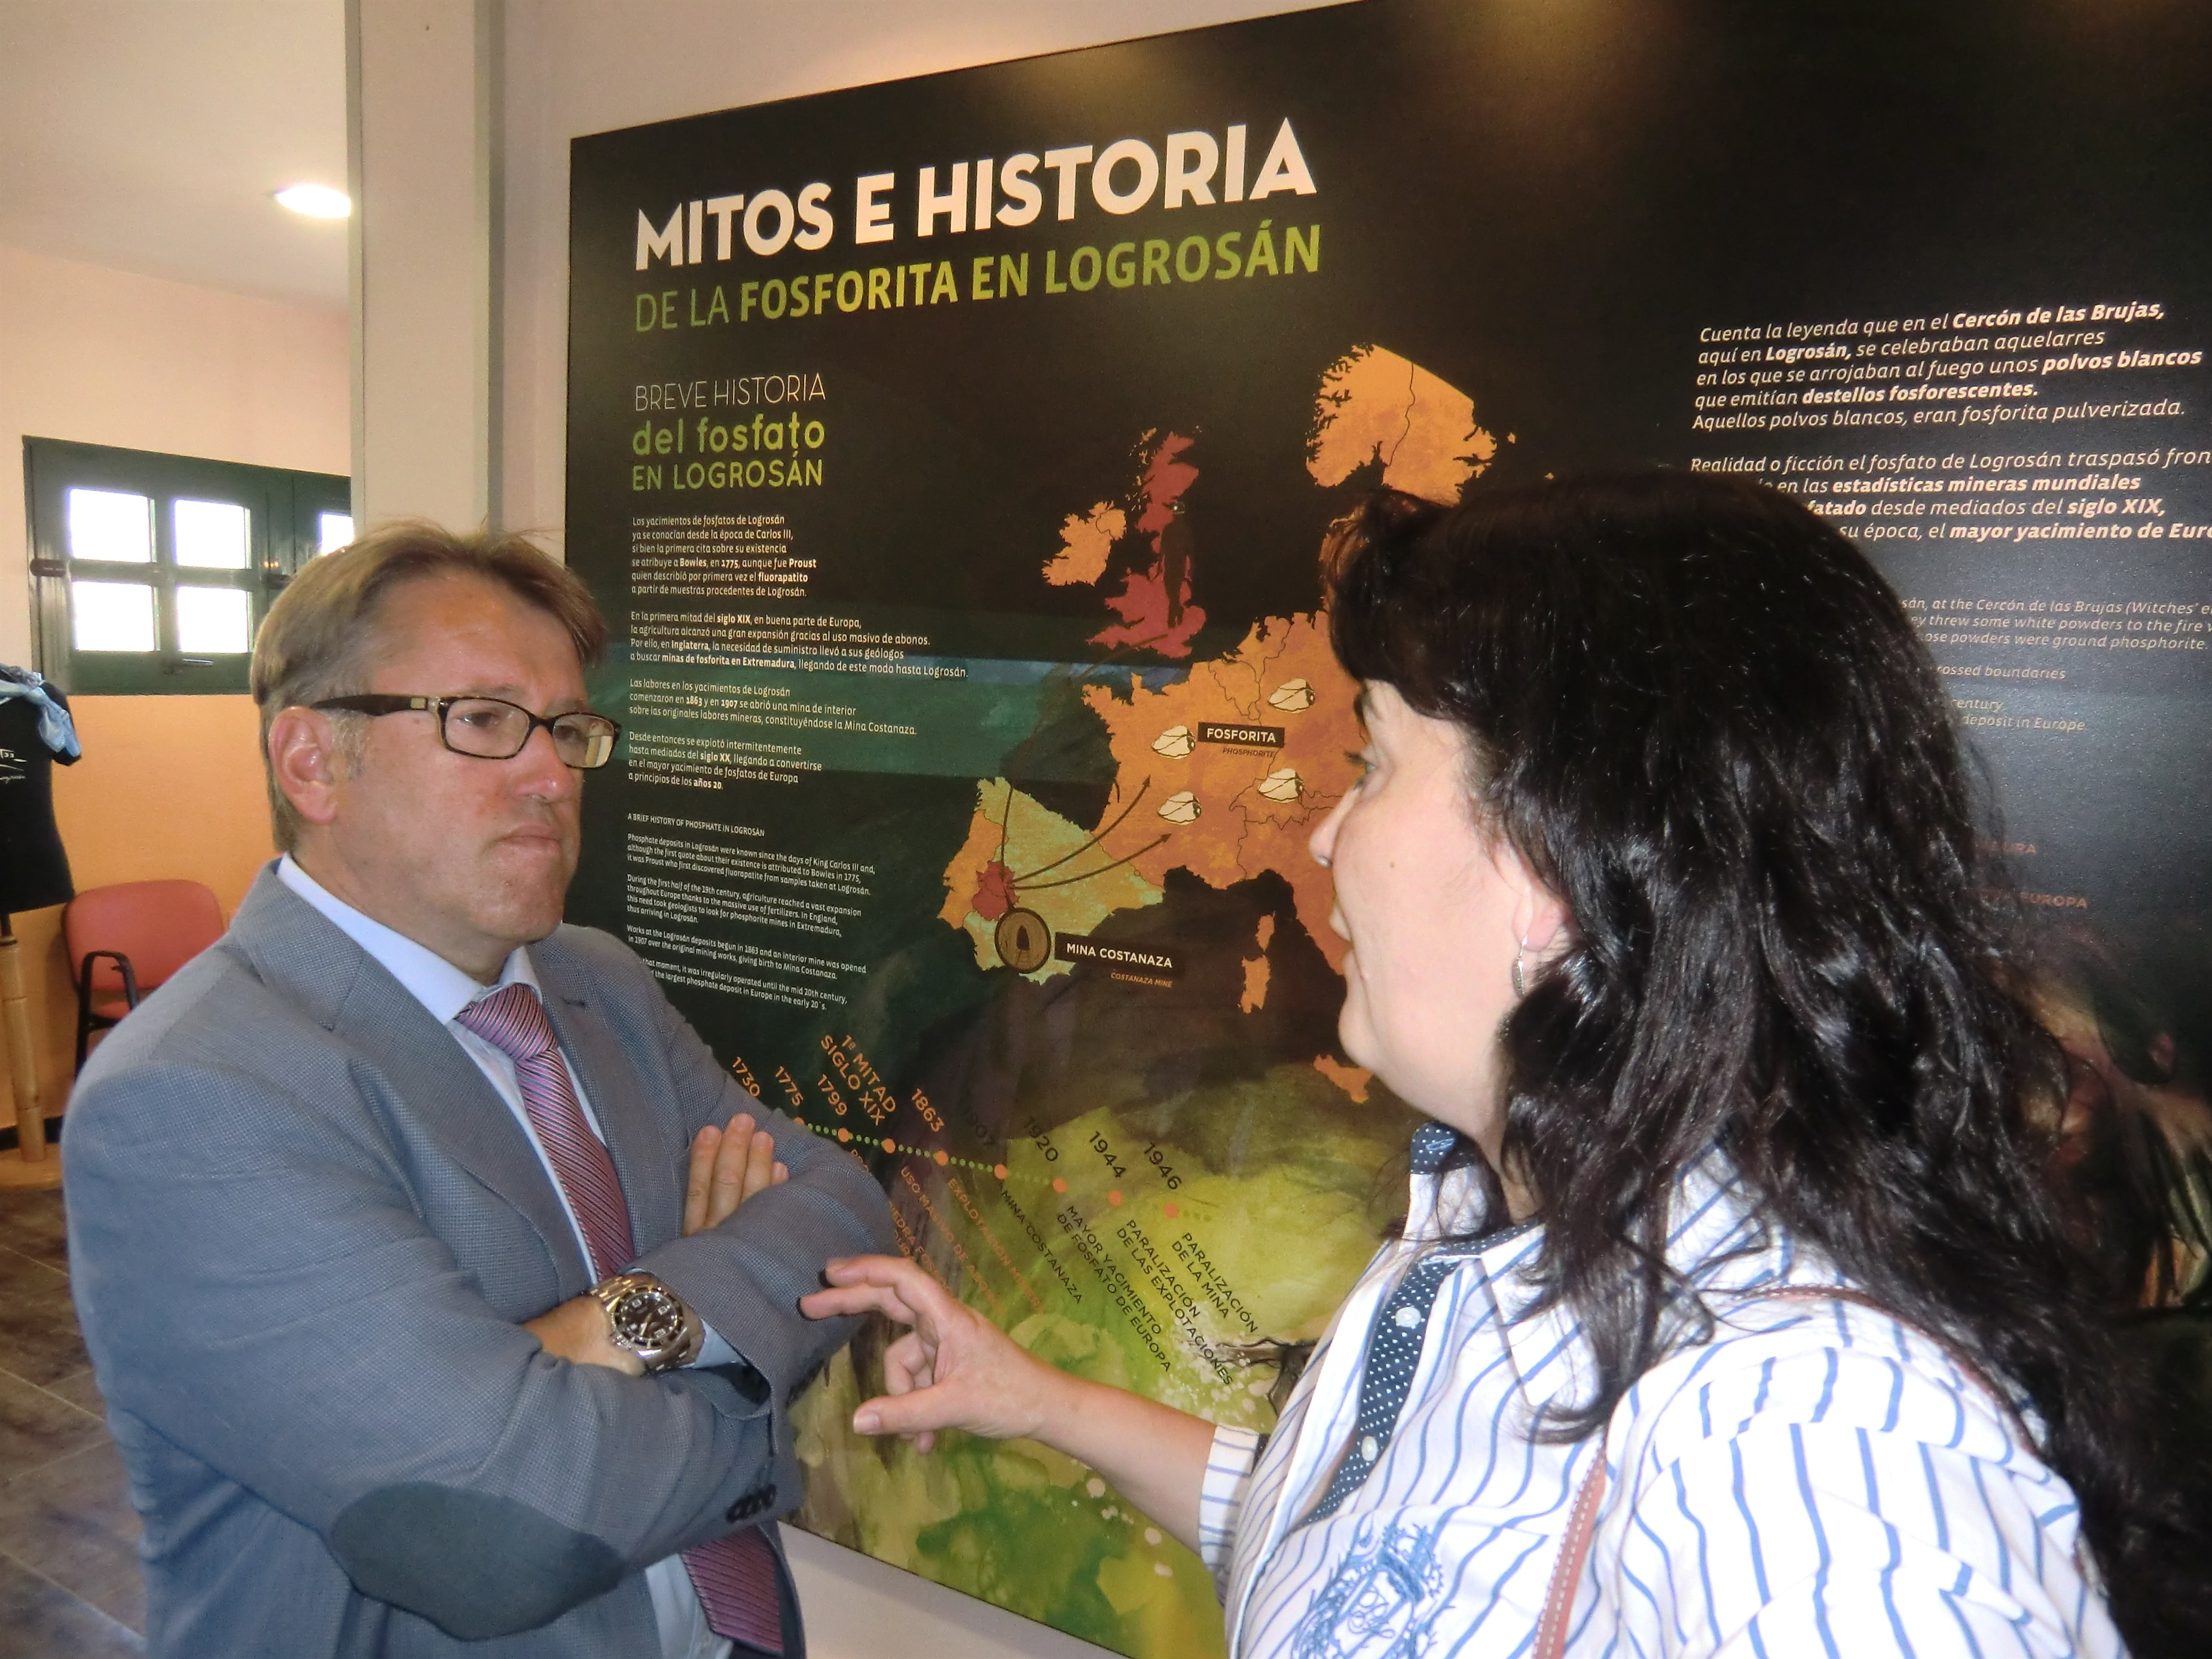 La Mina Costanaza de Logrosán (Cáceres) ampliará el recorrido turístico por sus galerías